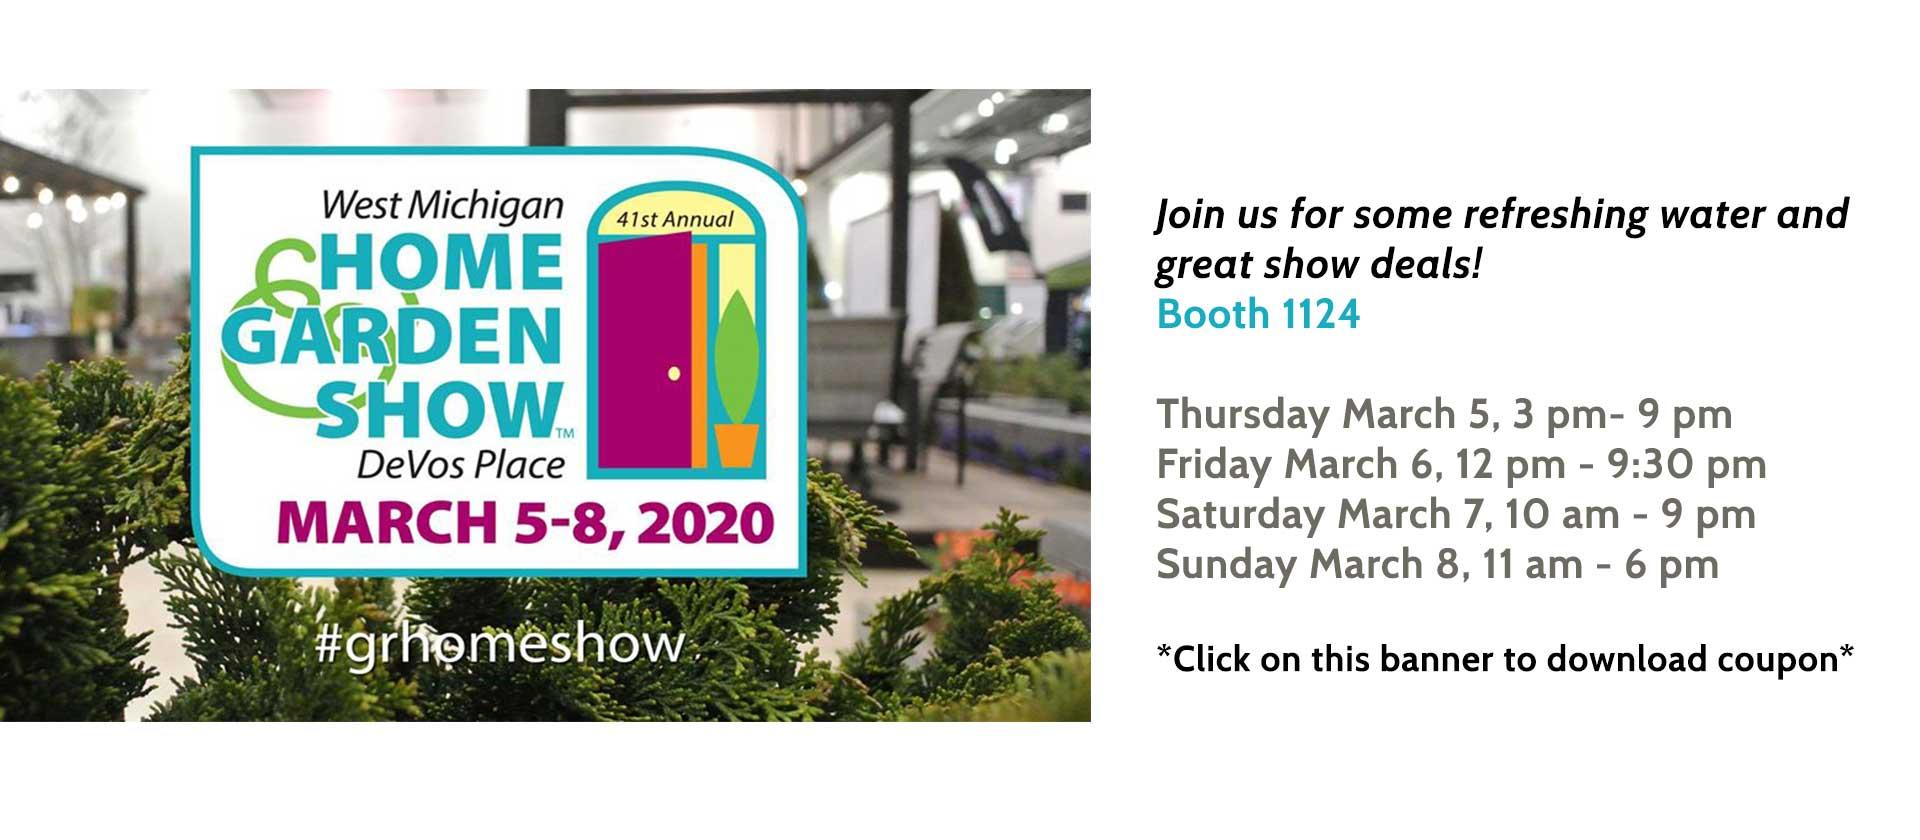 Home and Garden show coupon